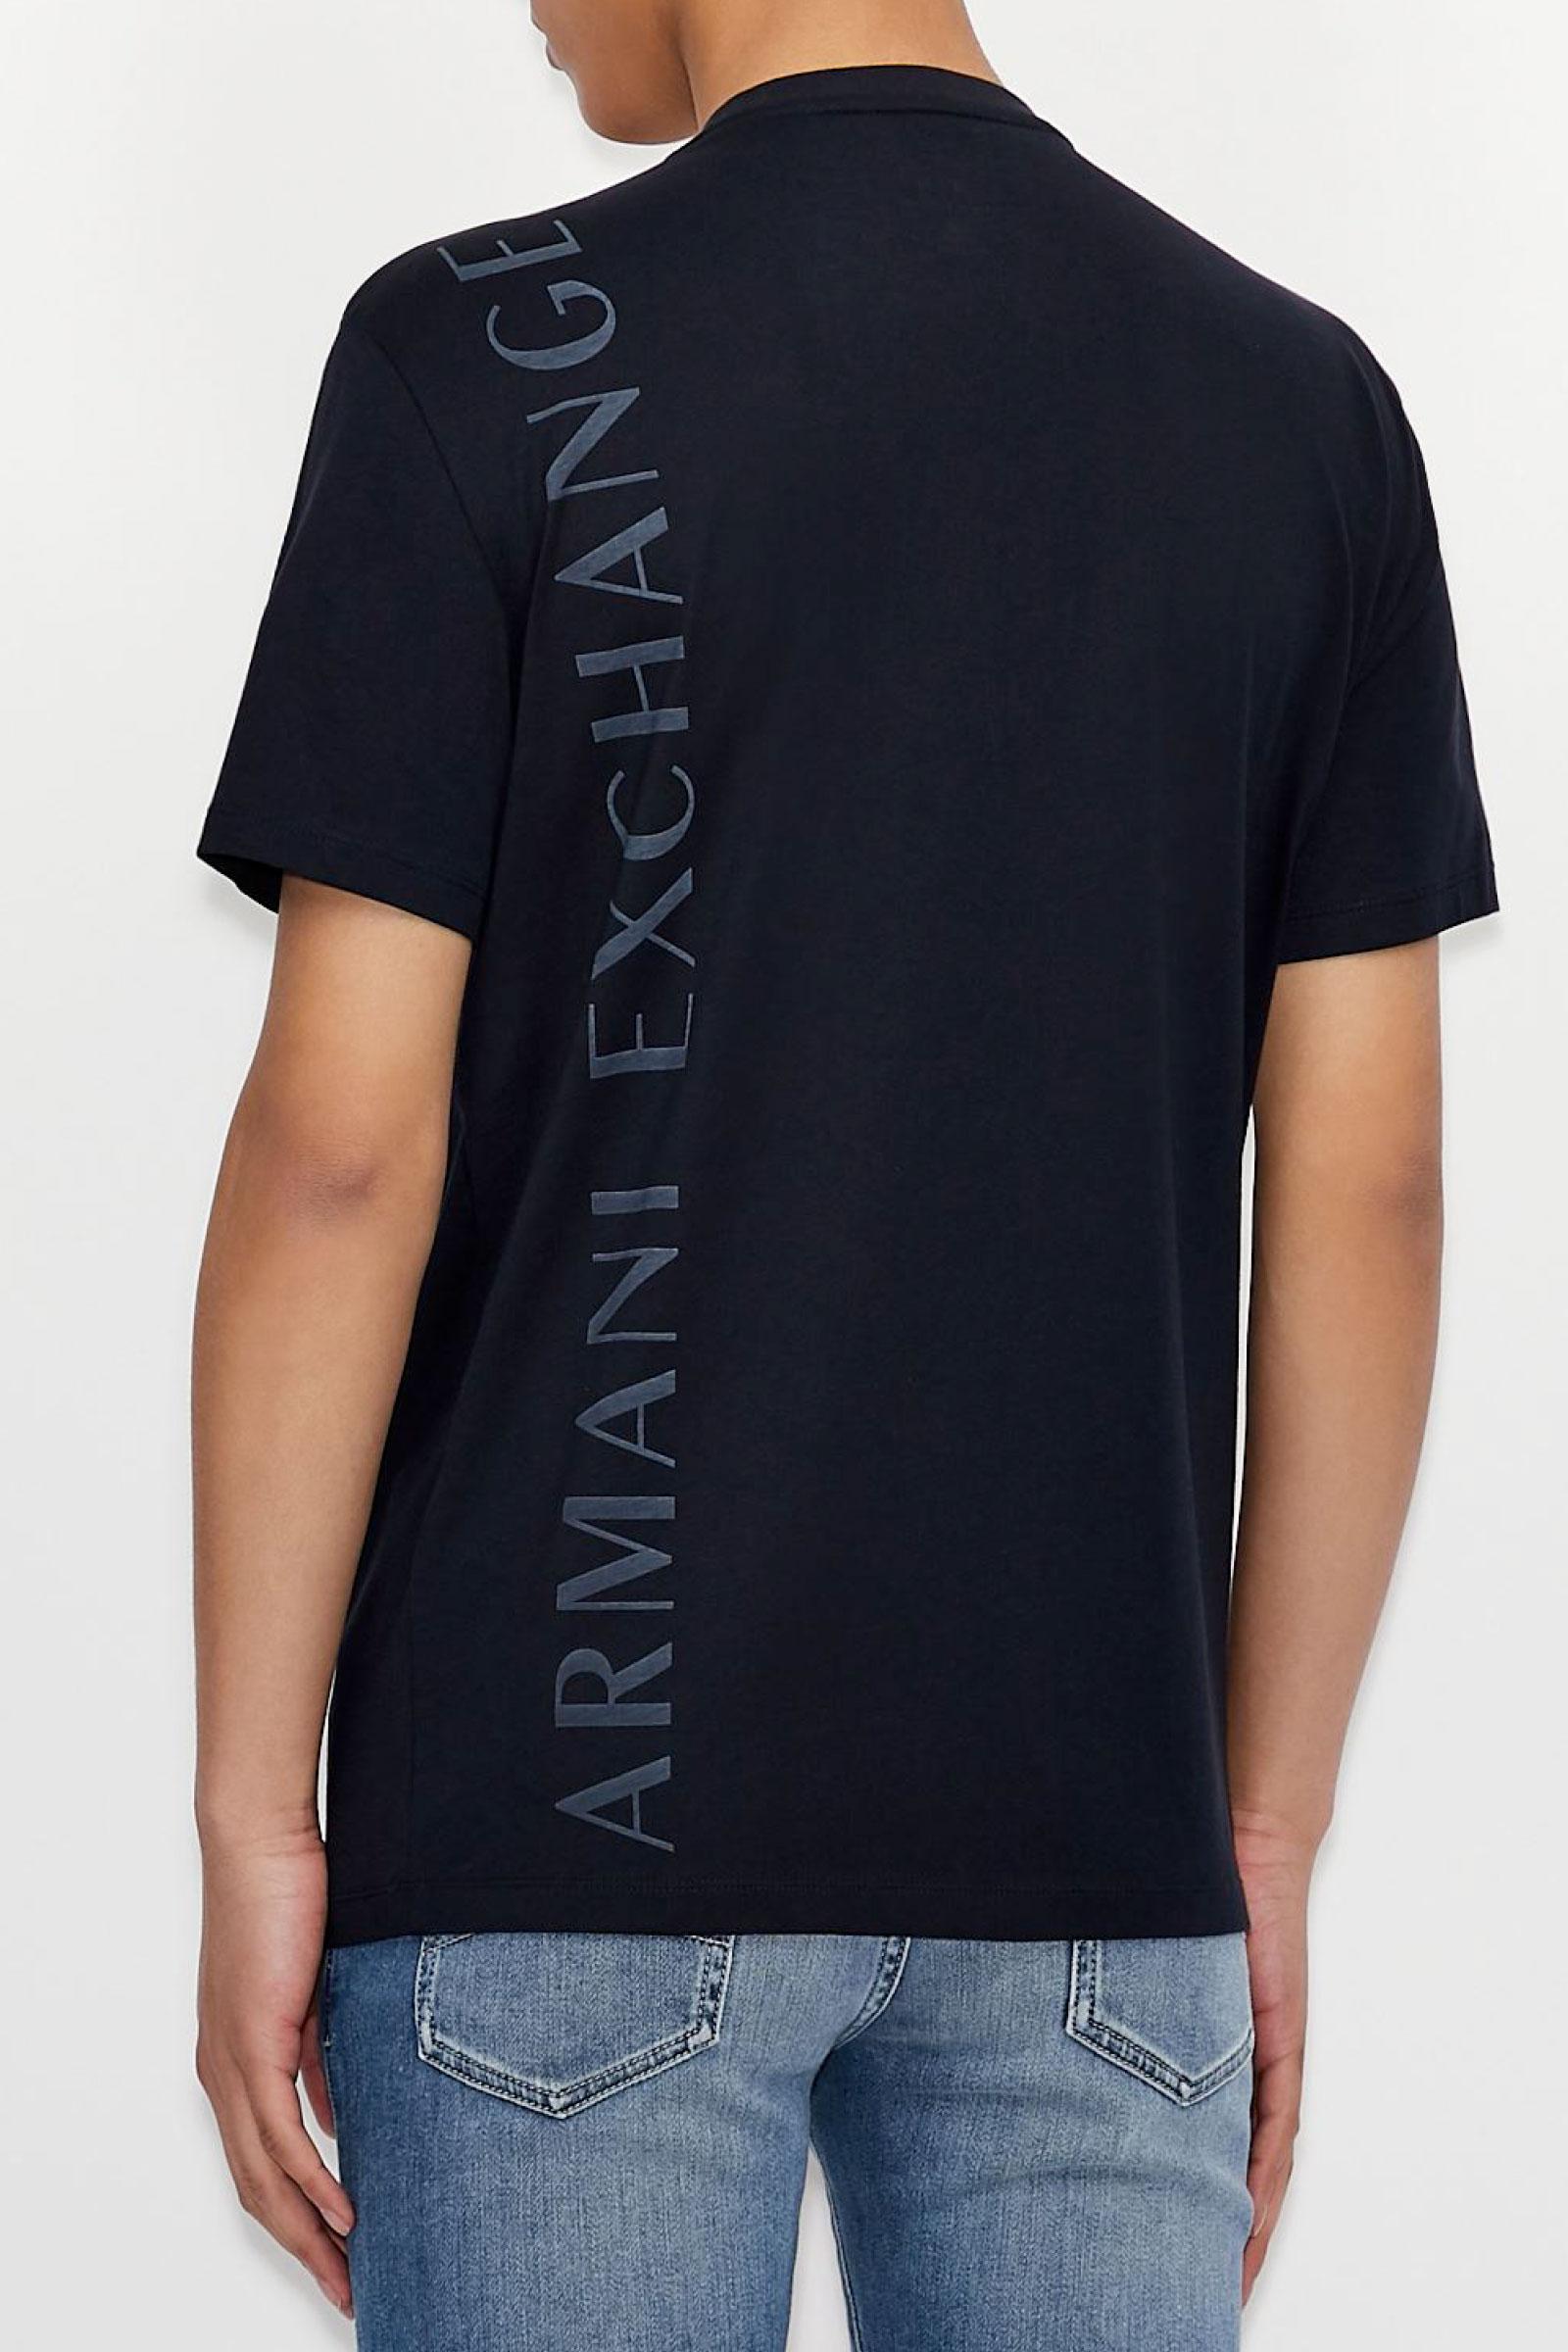 ARMANI EXCHANGE T-Shirt Uomo ARMANI EXCHANGE | T-Shirt | 3KZTGB ZJBVZ1510